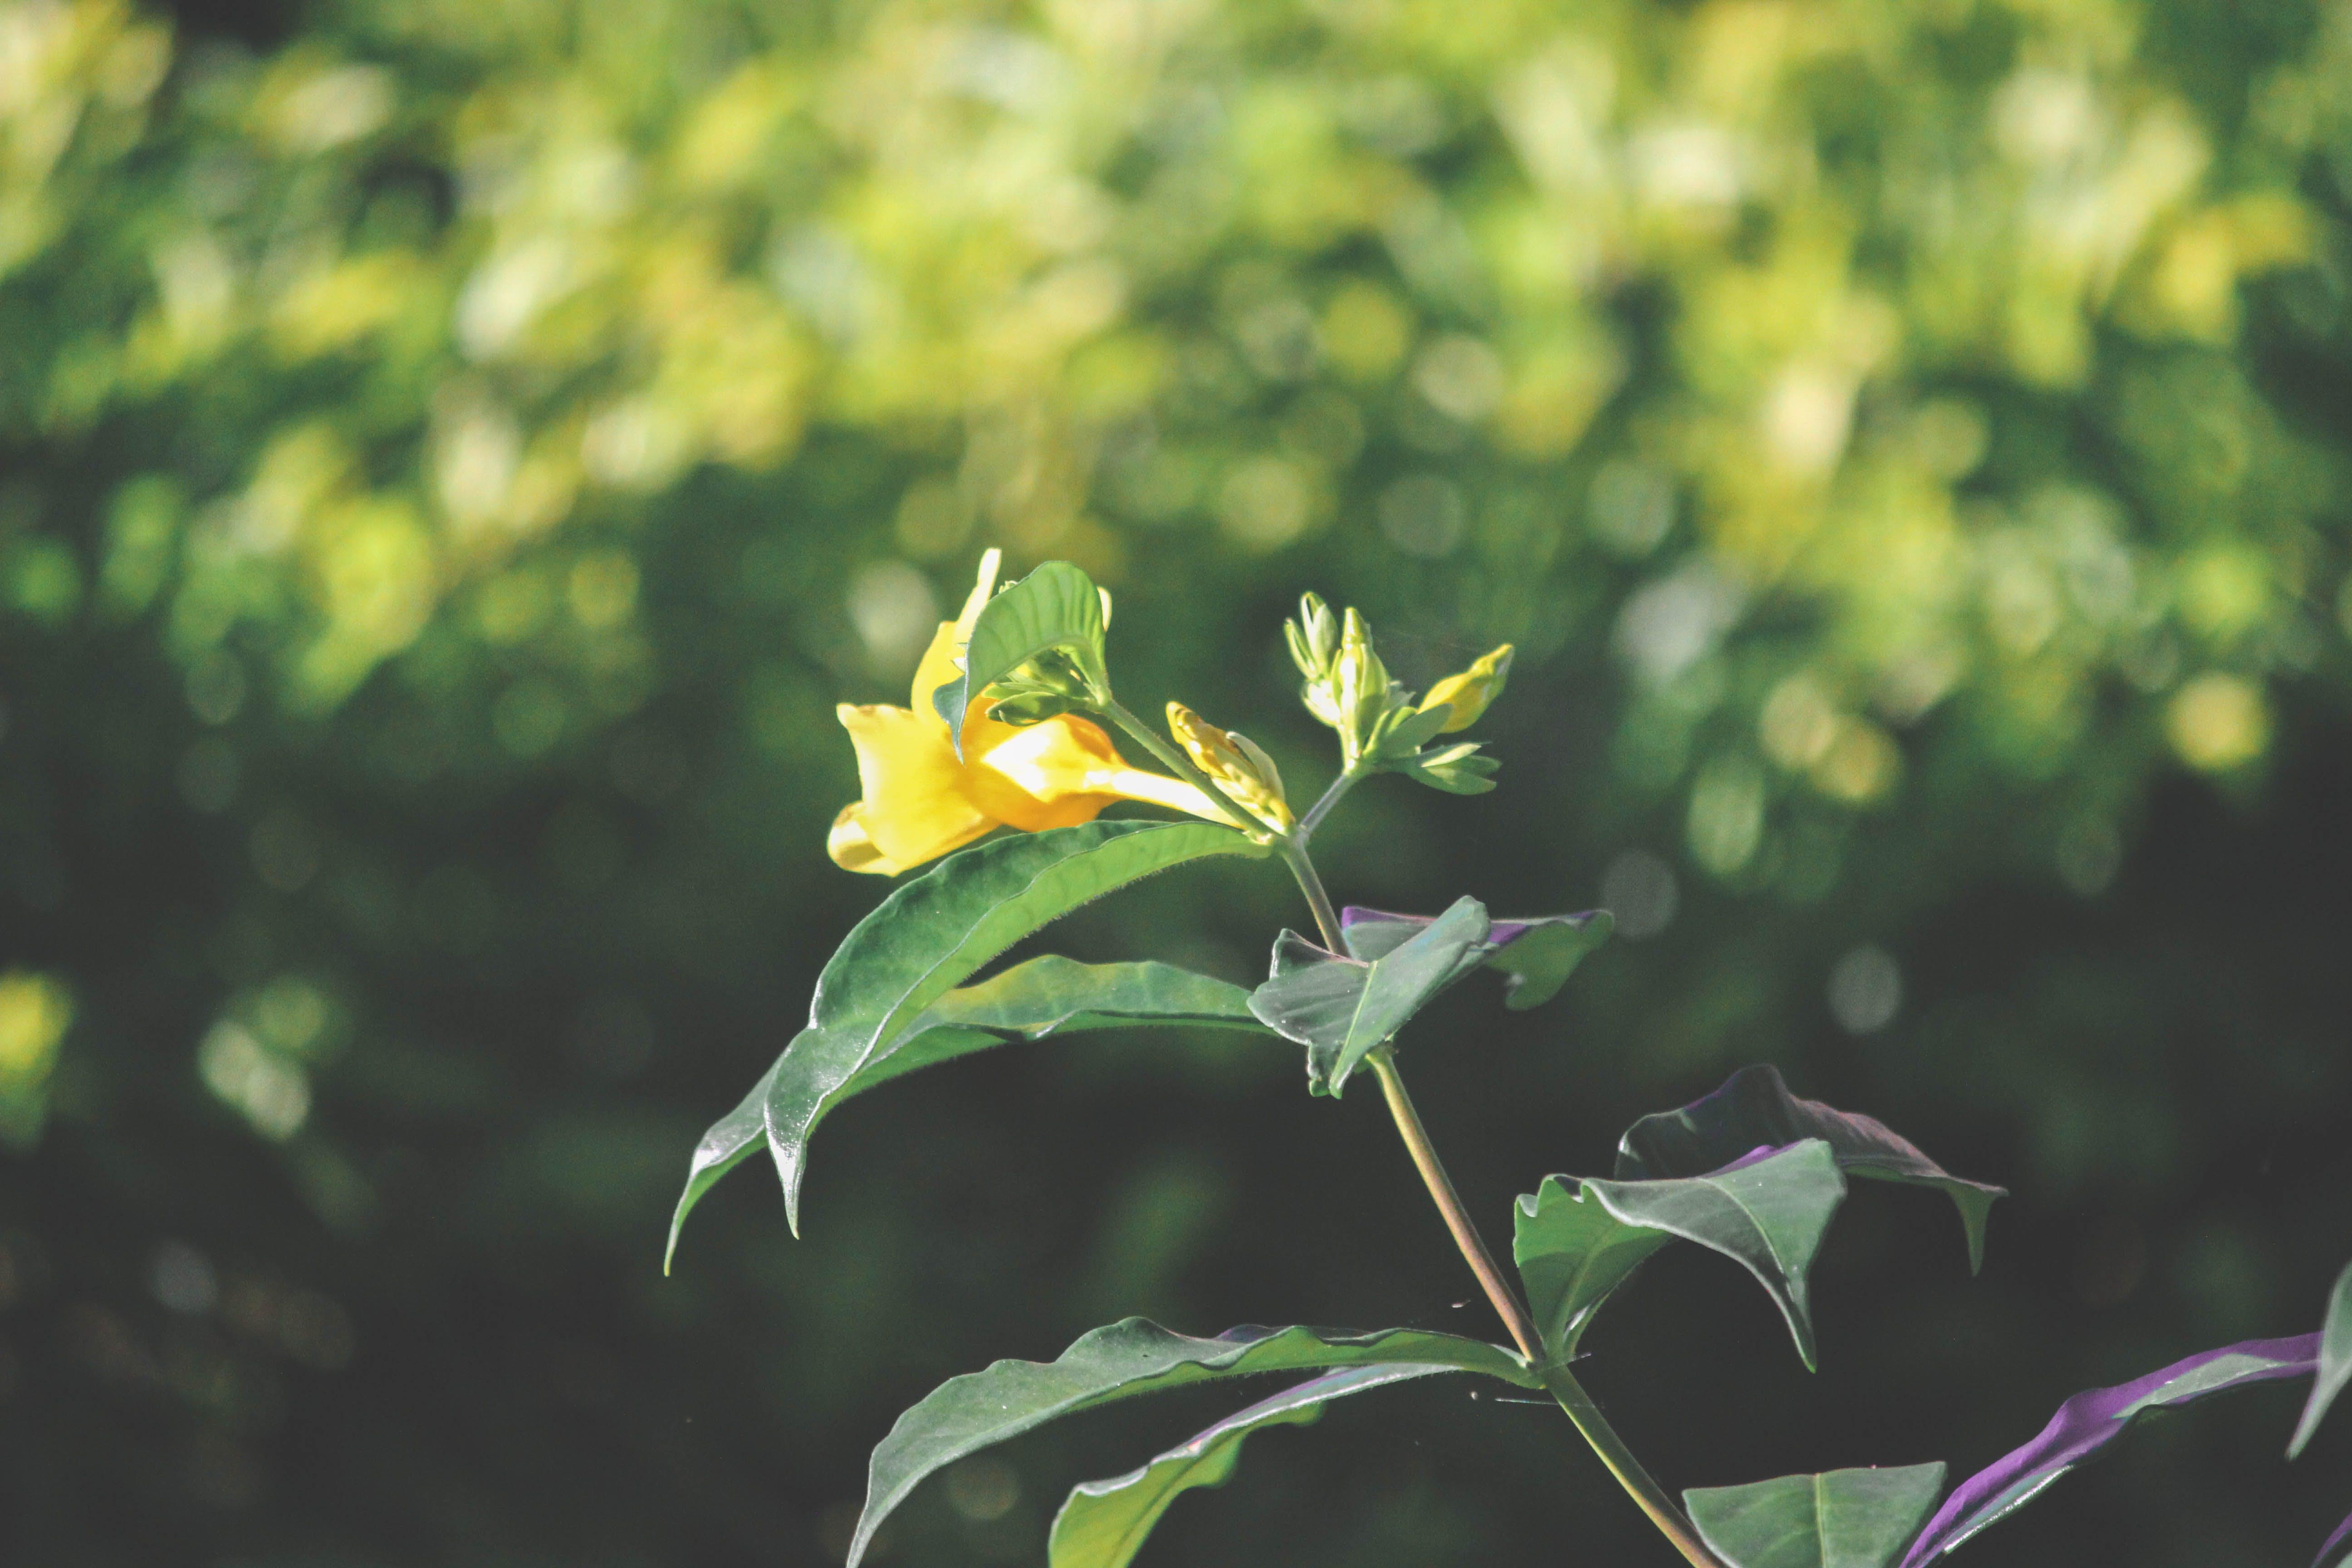 Kostenloses Stock Foto zu blume, dunkelgrün, gelb, gelbe blume